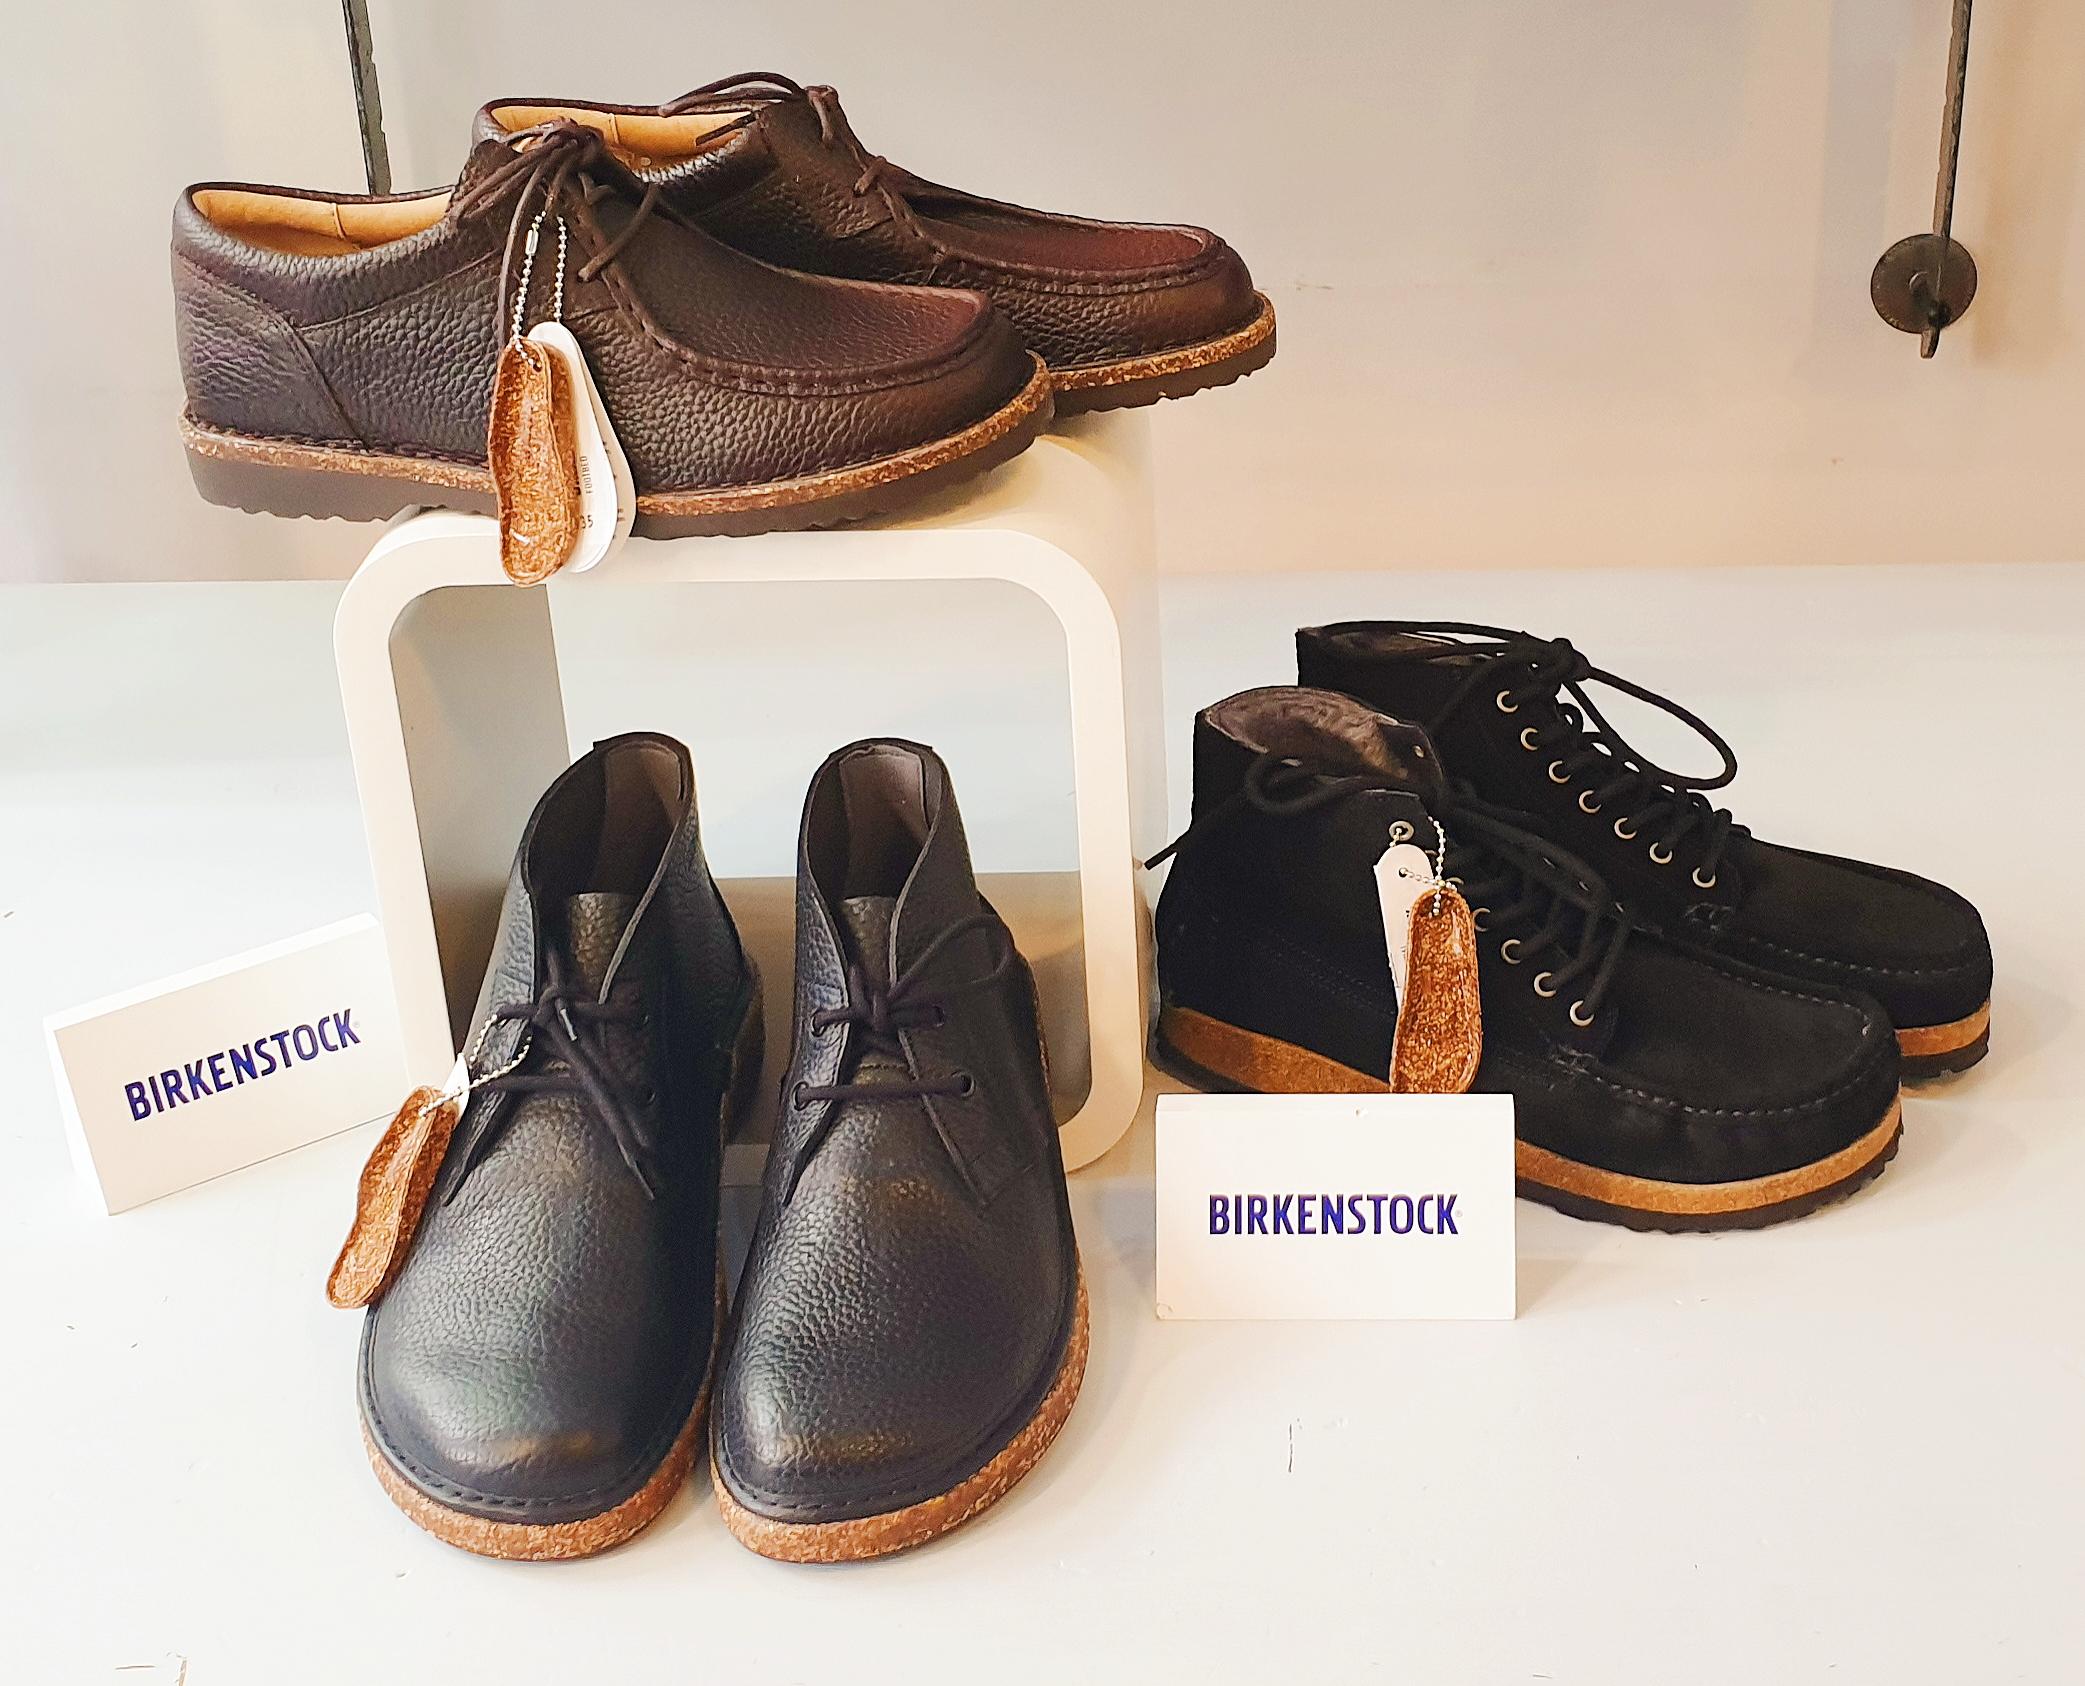 birkenstock-boots.jpg